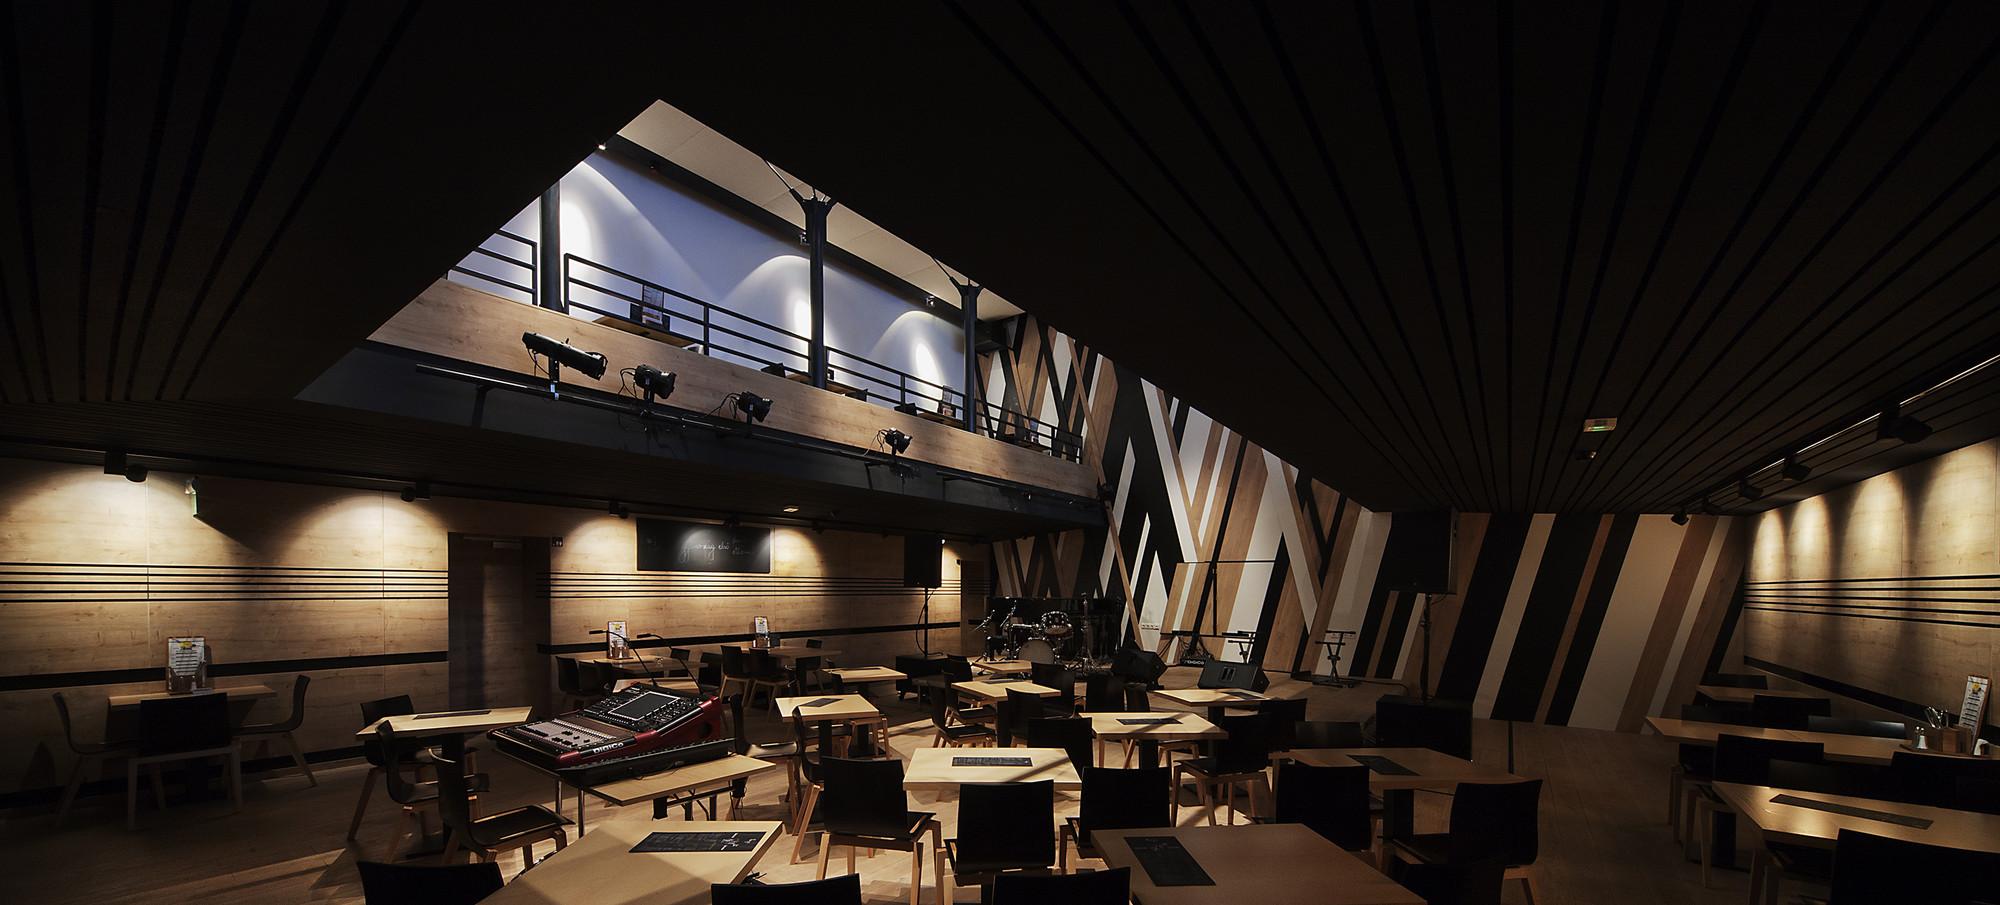 Gallery Of Budapest Music Center Art1st Design Studio 25